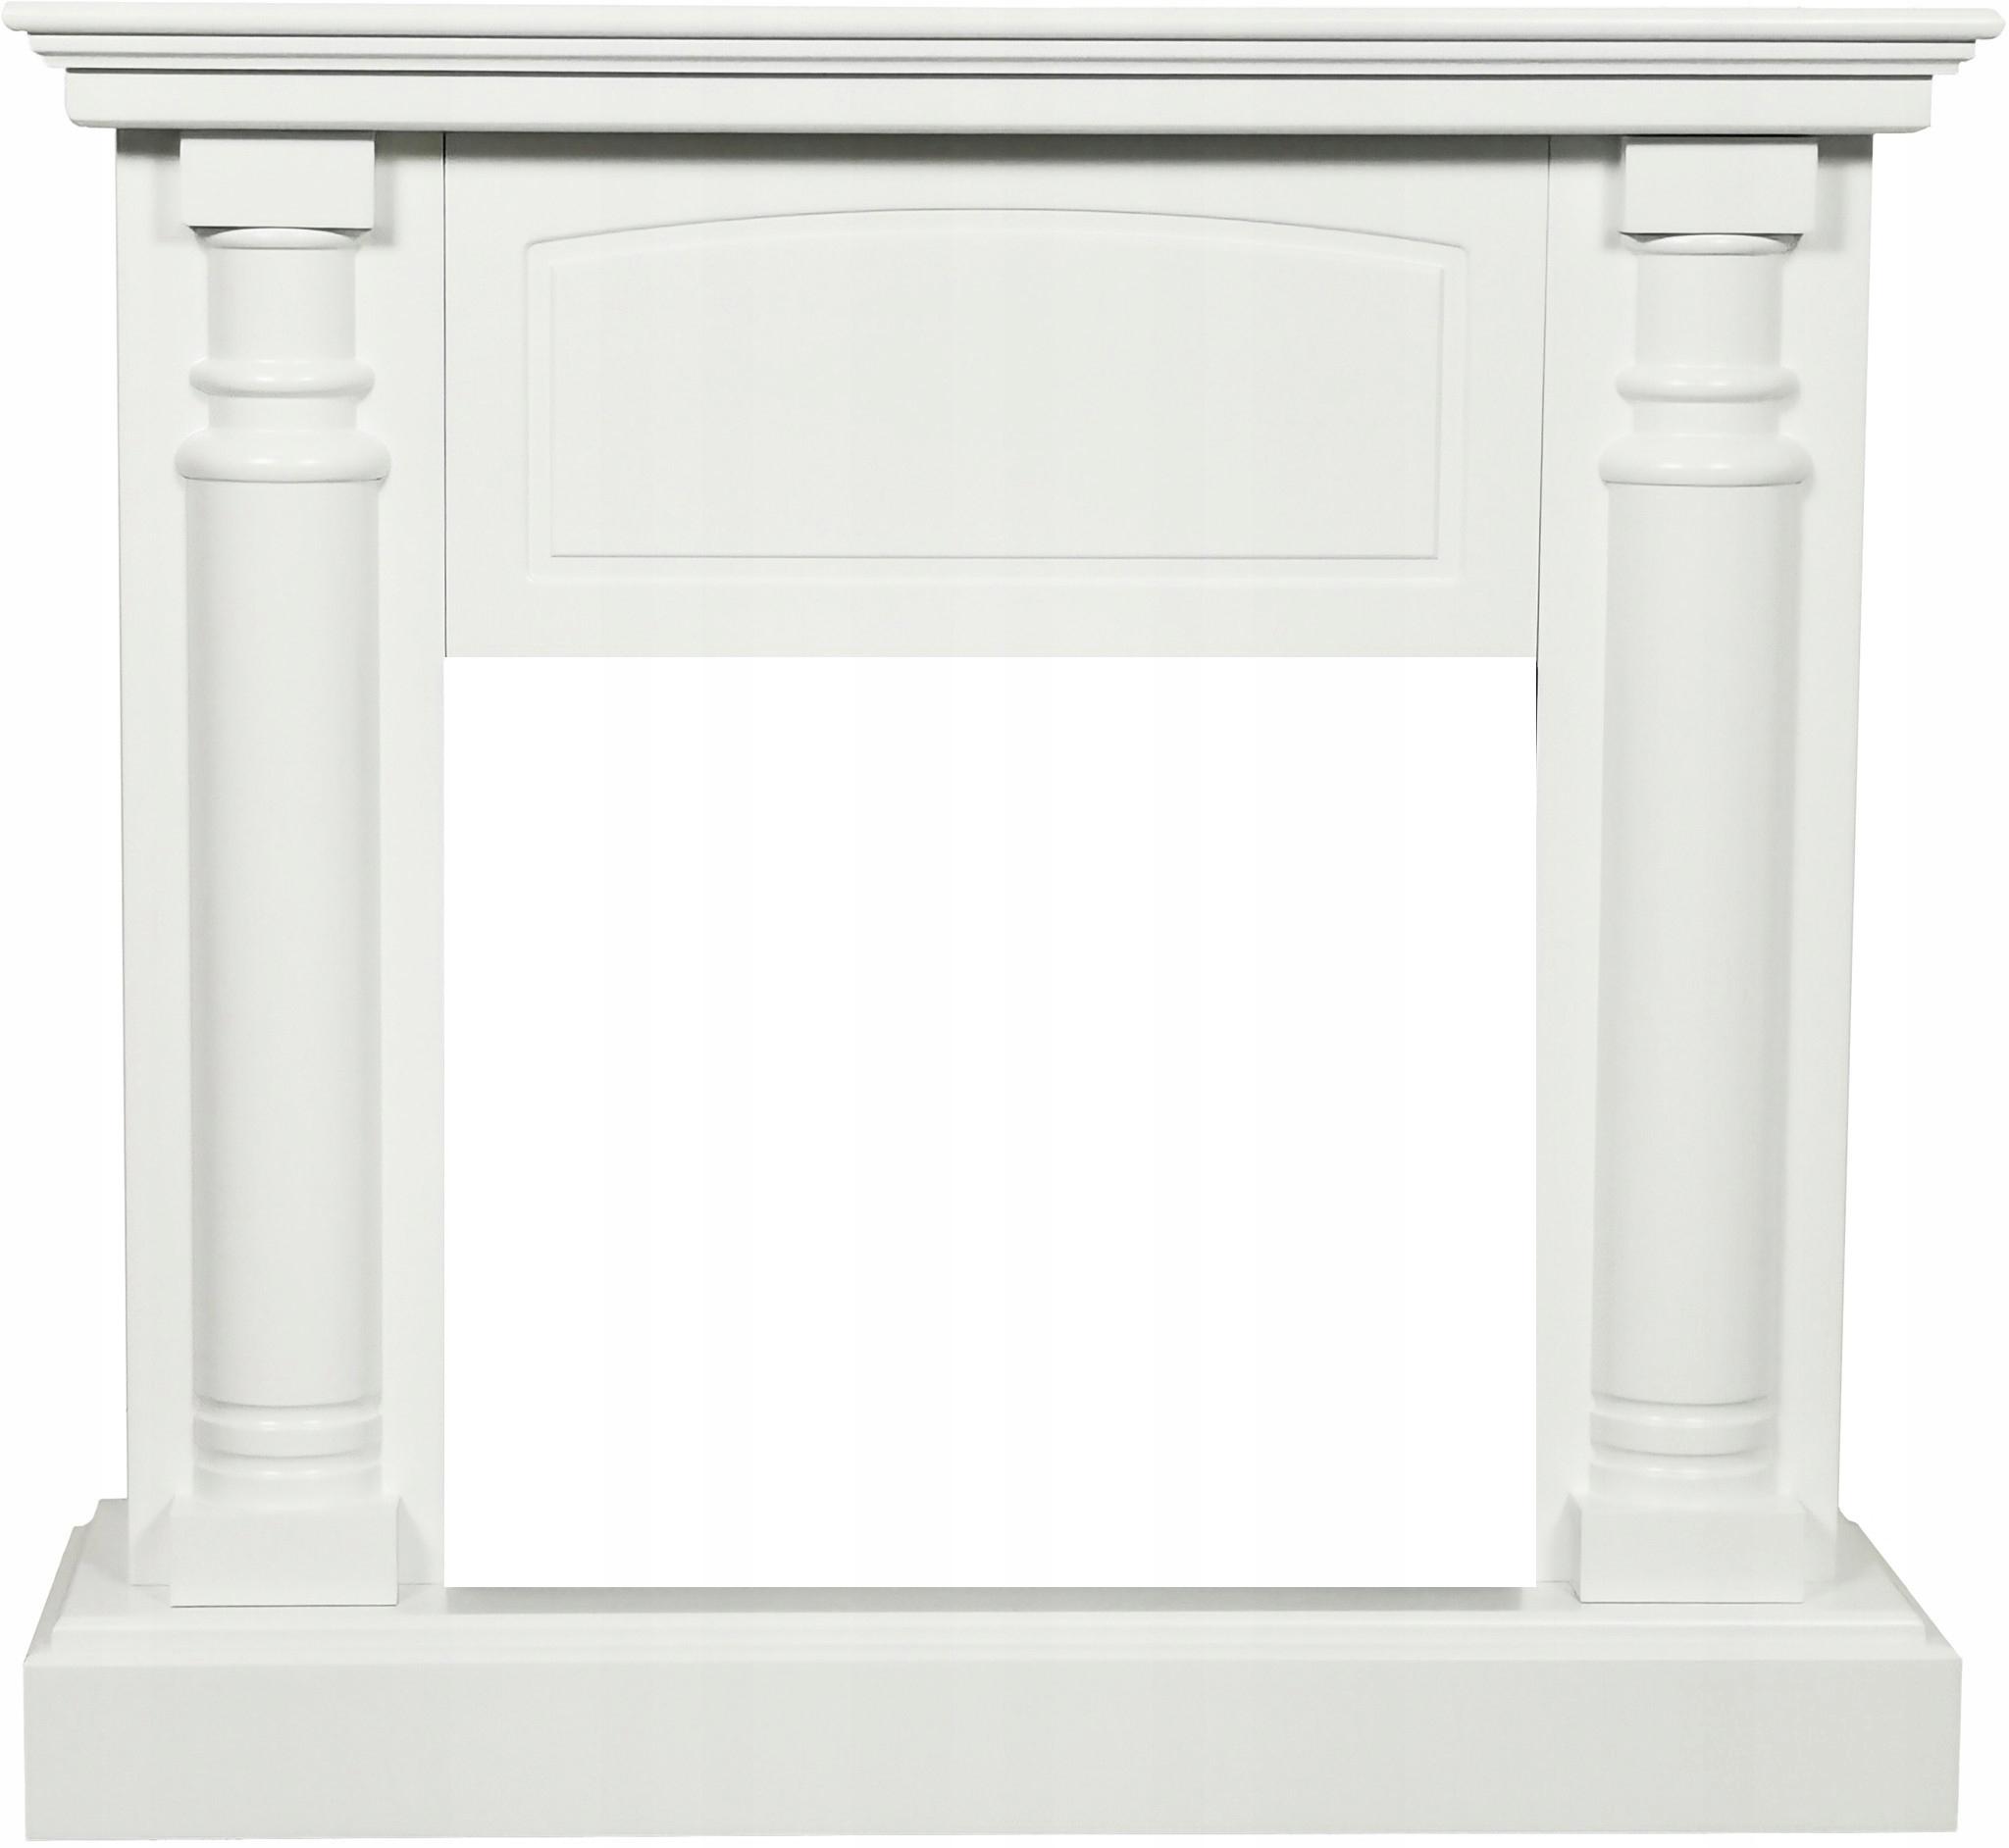 Деревянный камин жилья Белый! Красивые!